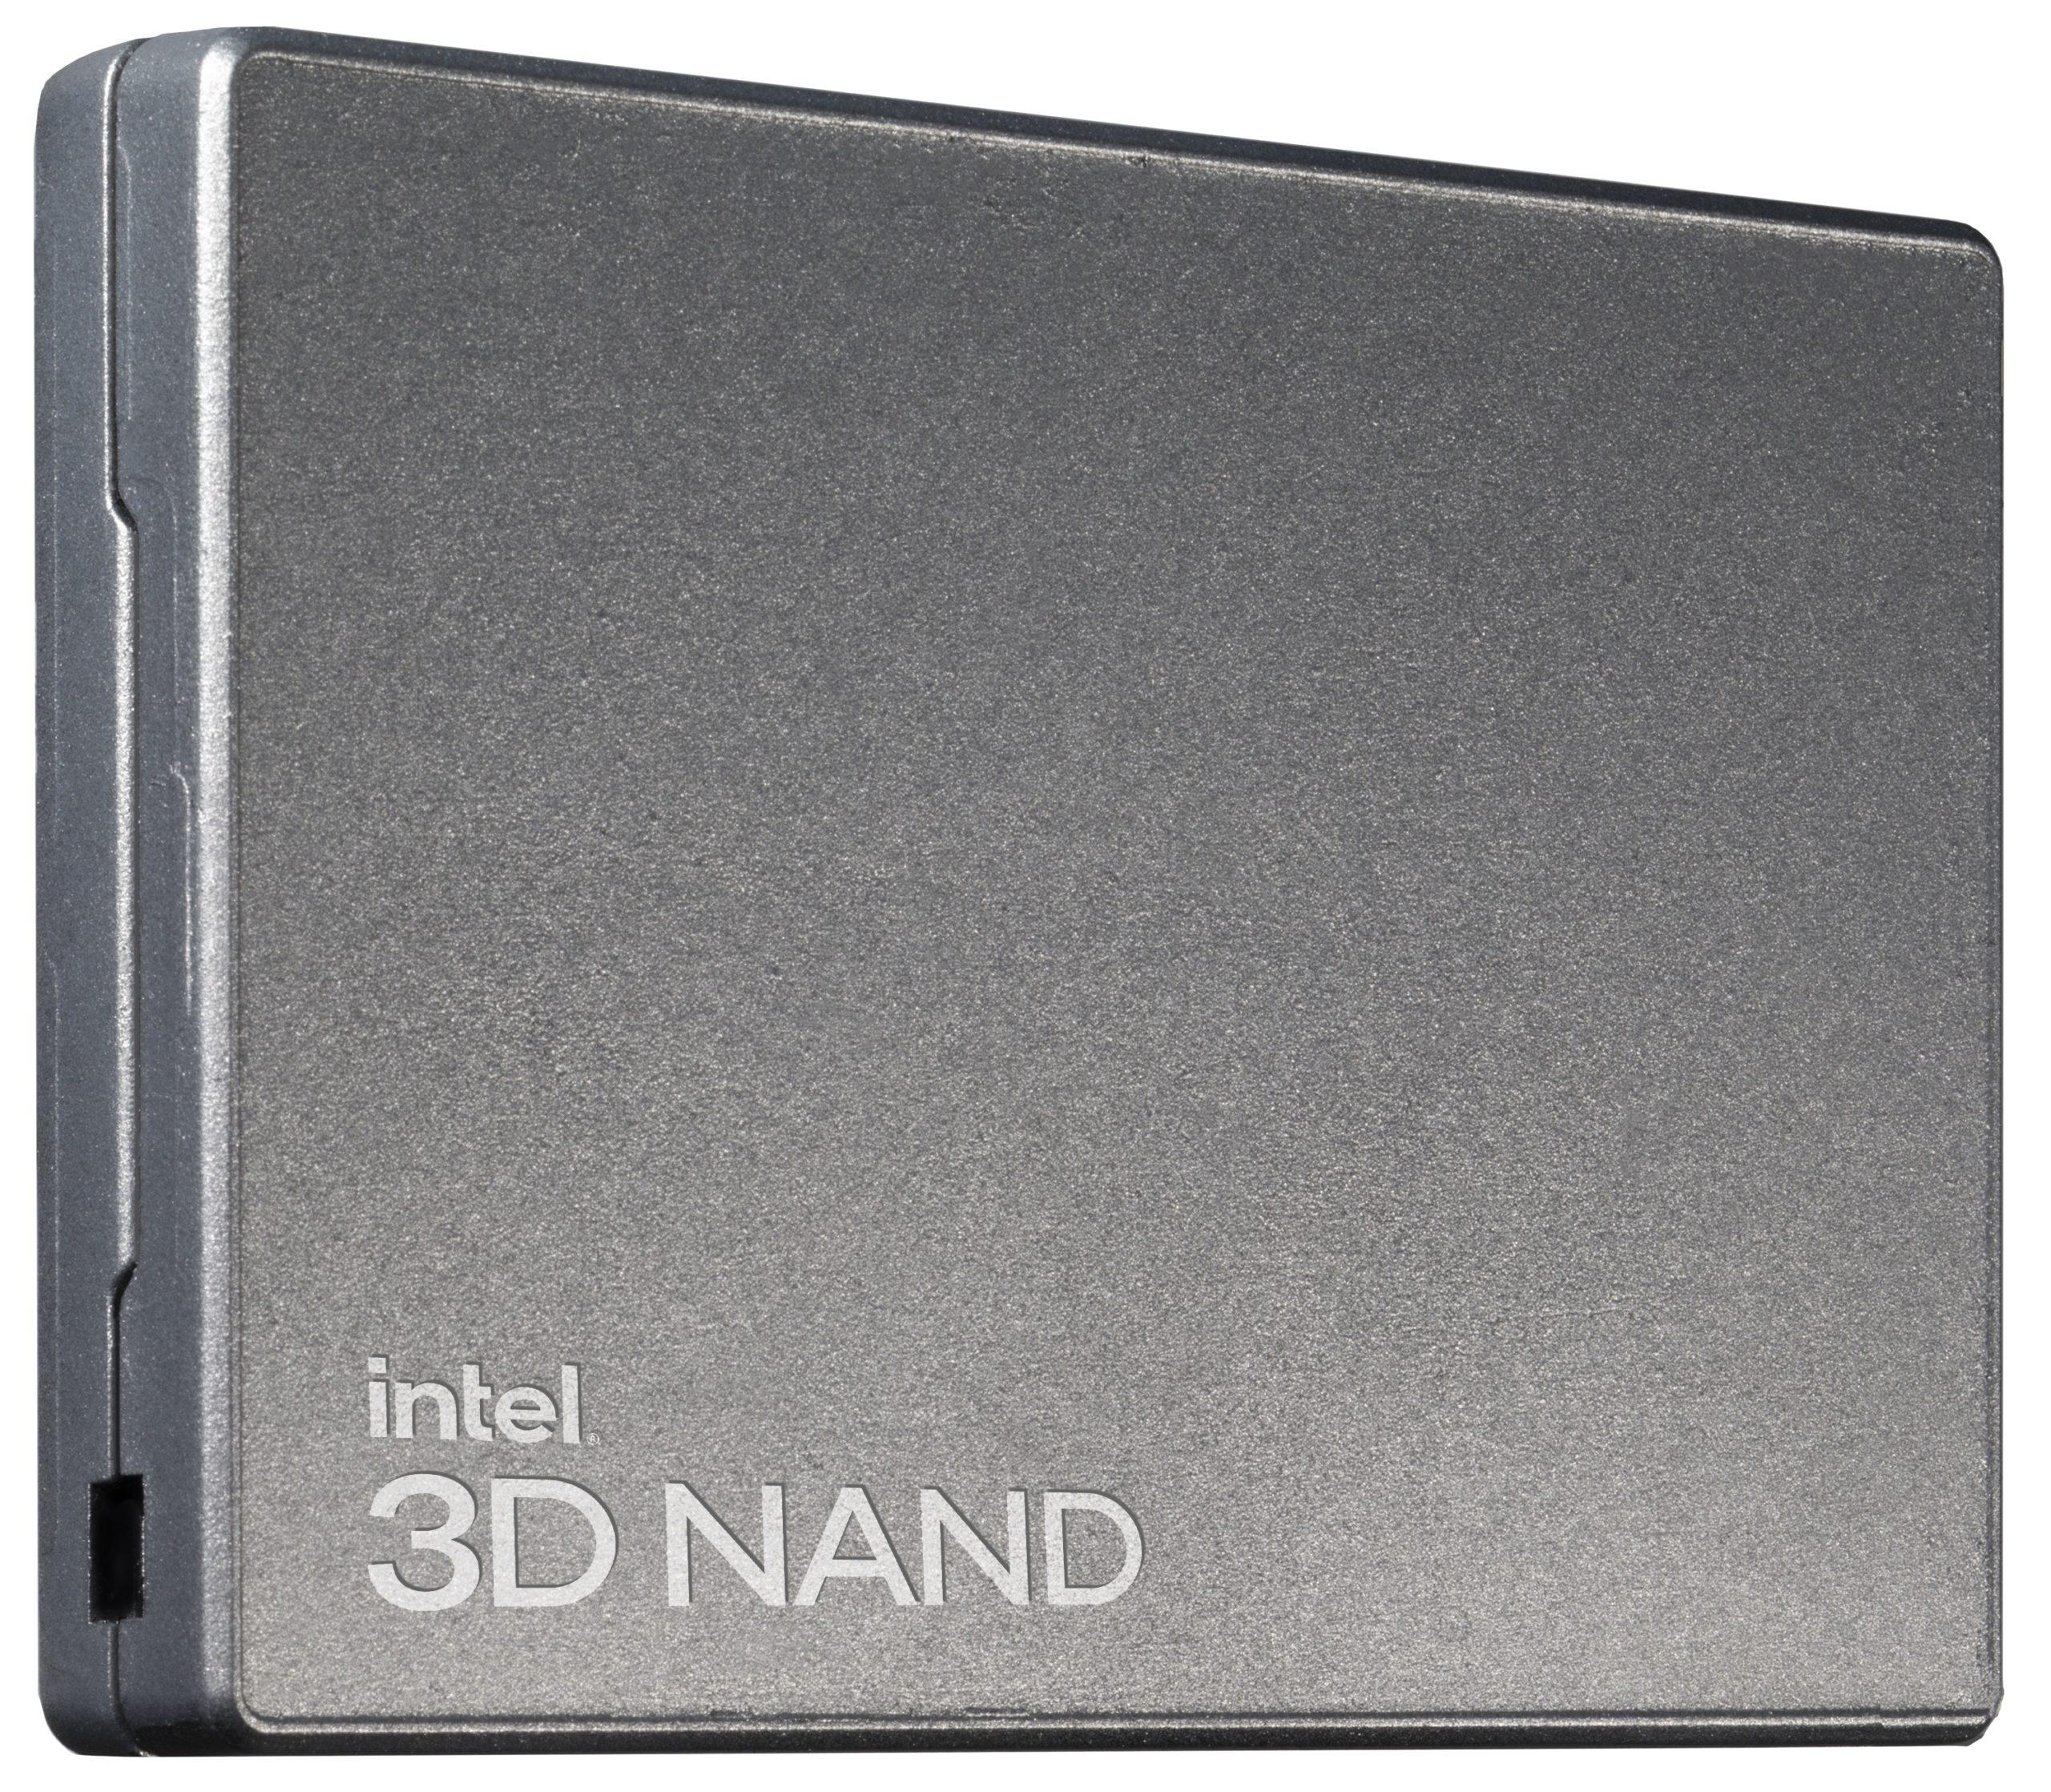 Intel-SSD-D7-P5510